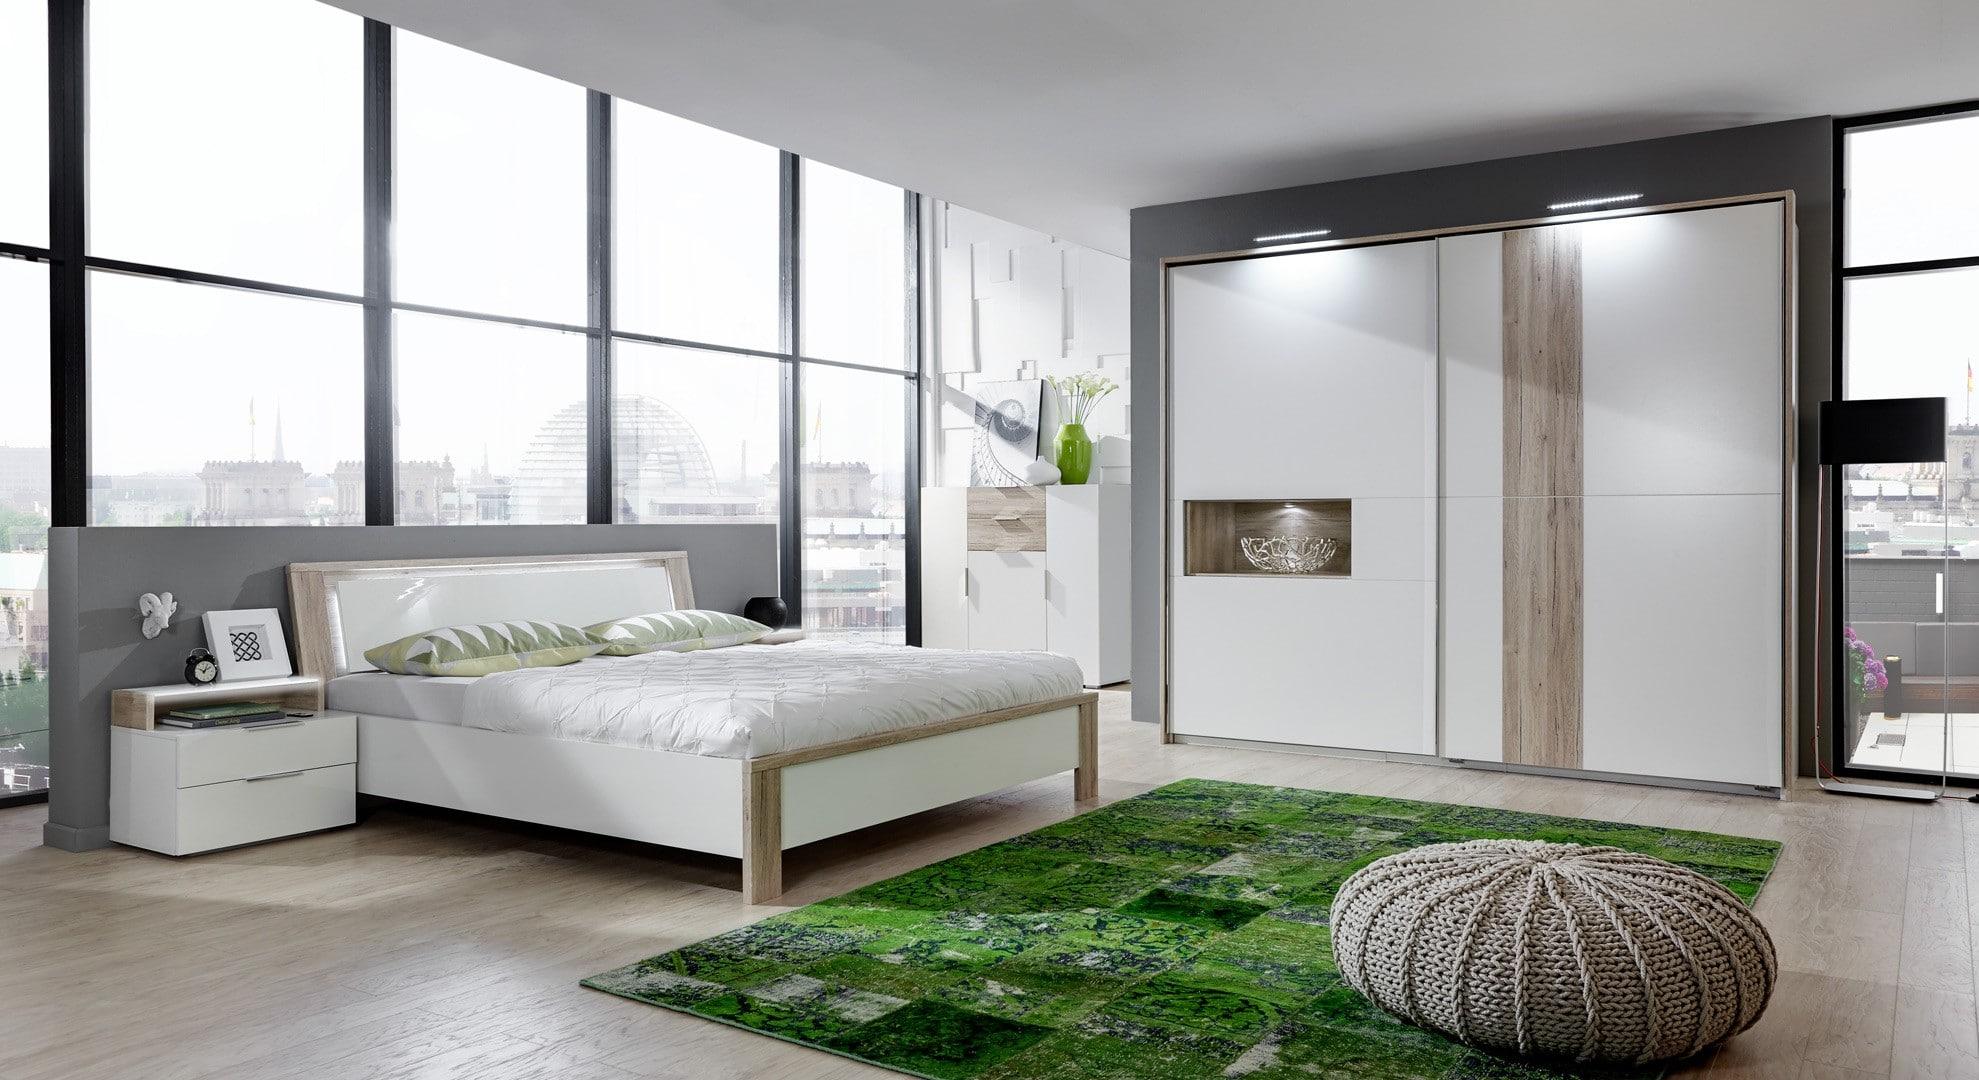 Chambre adulte design Evita II